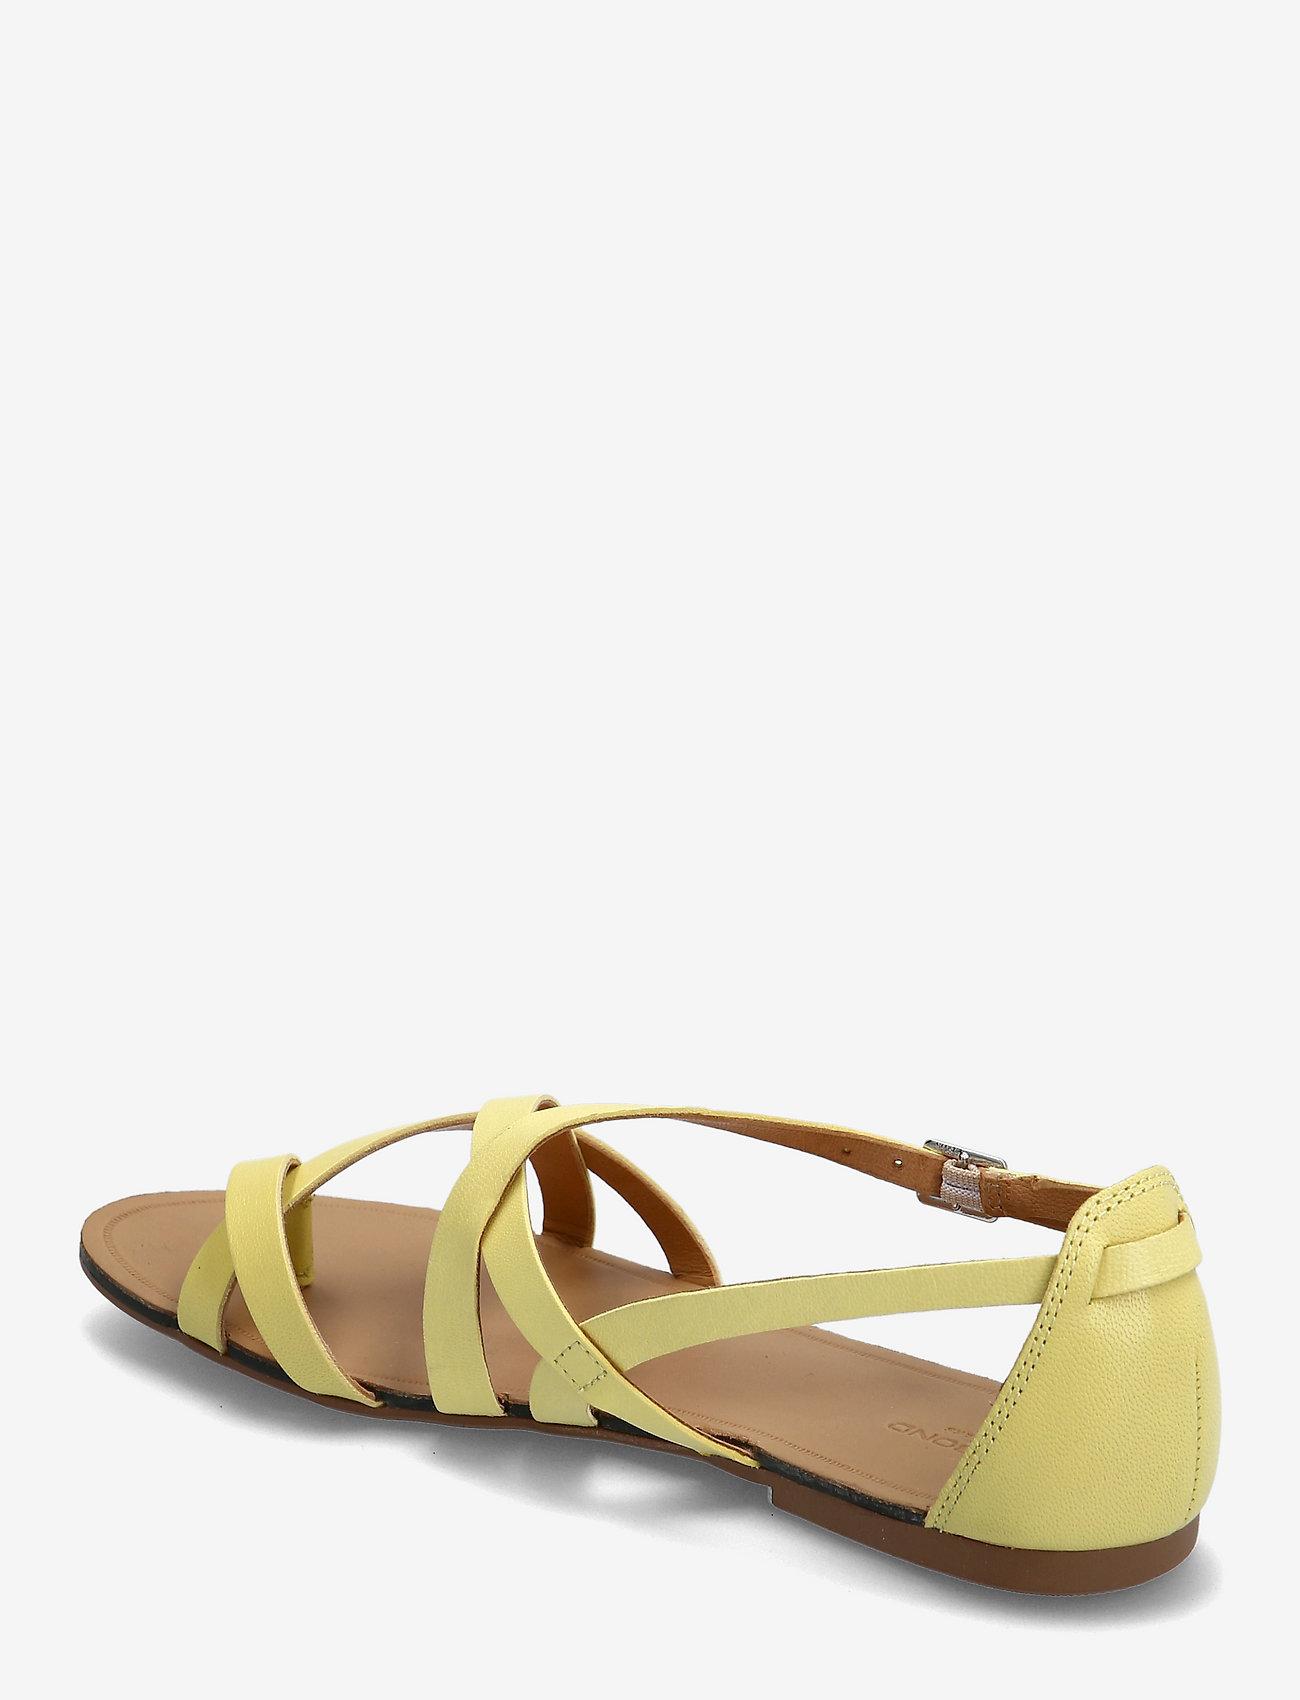 VAGABOND - TIA - płaskie sandały - citrus - 2